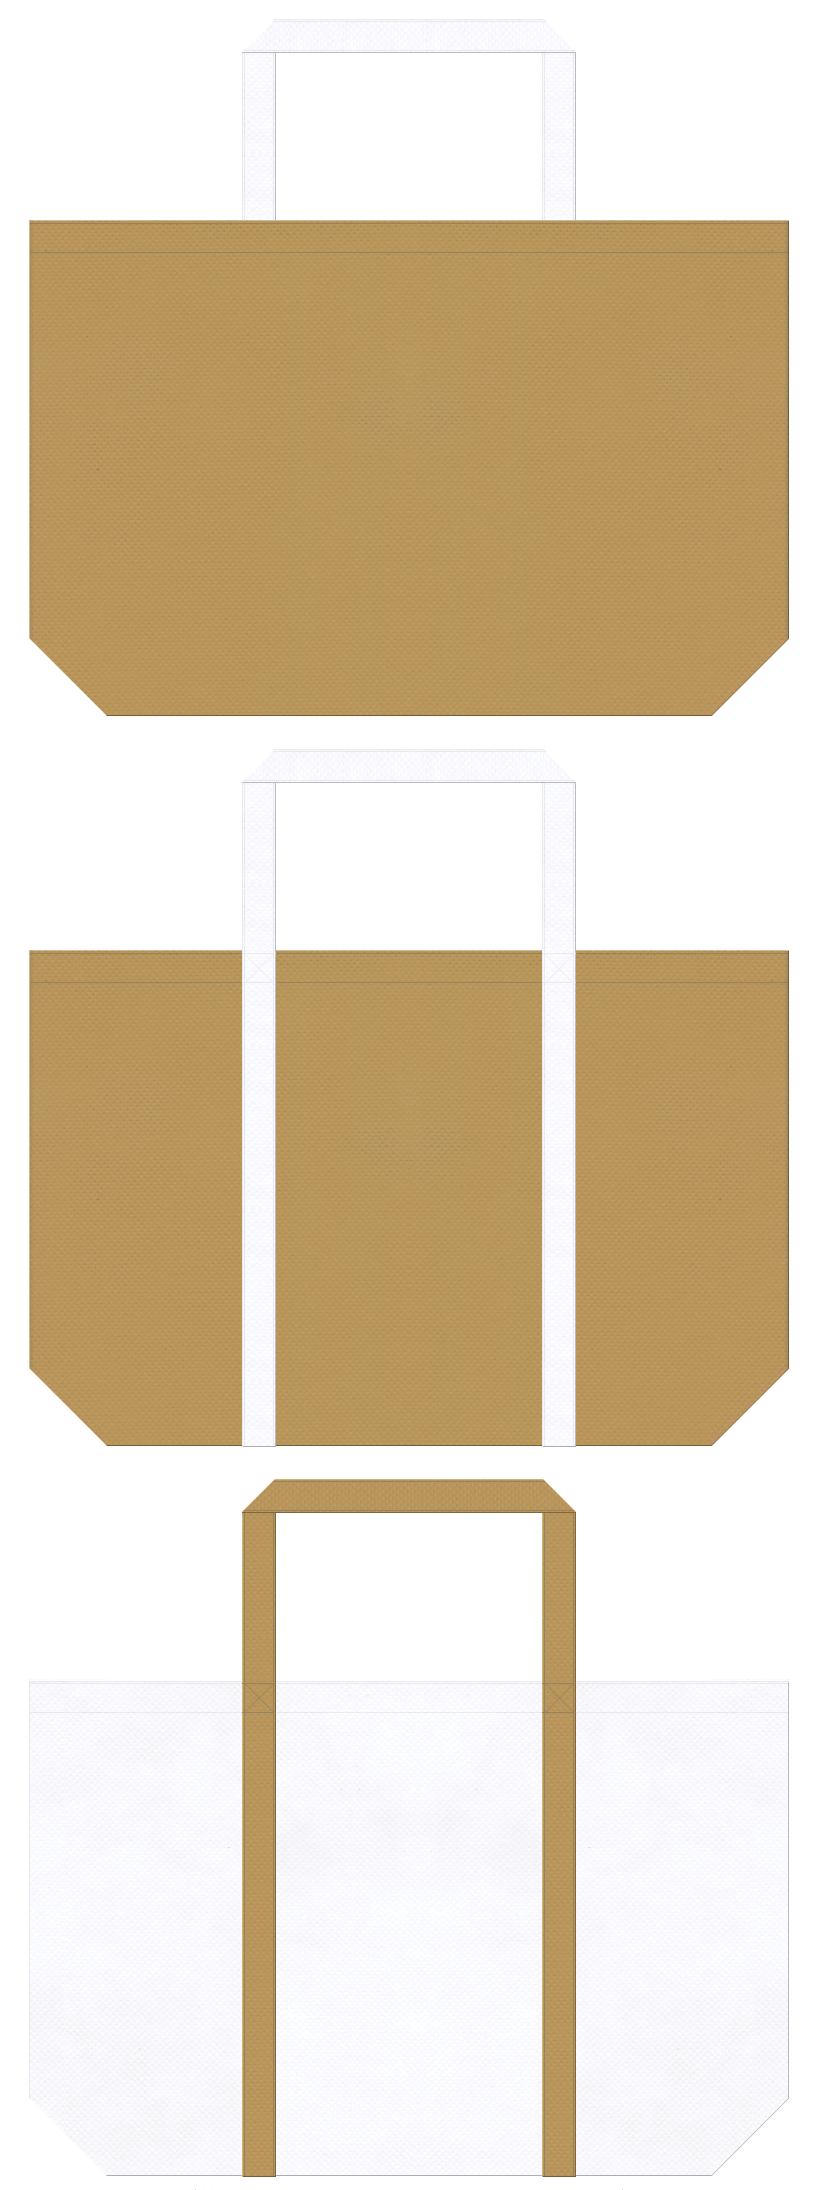 マスタード色と白色の不織布ショッピングバッグデザイン。